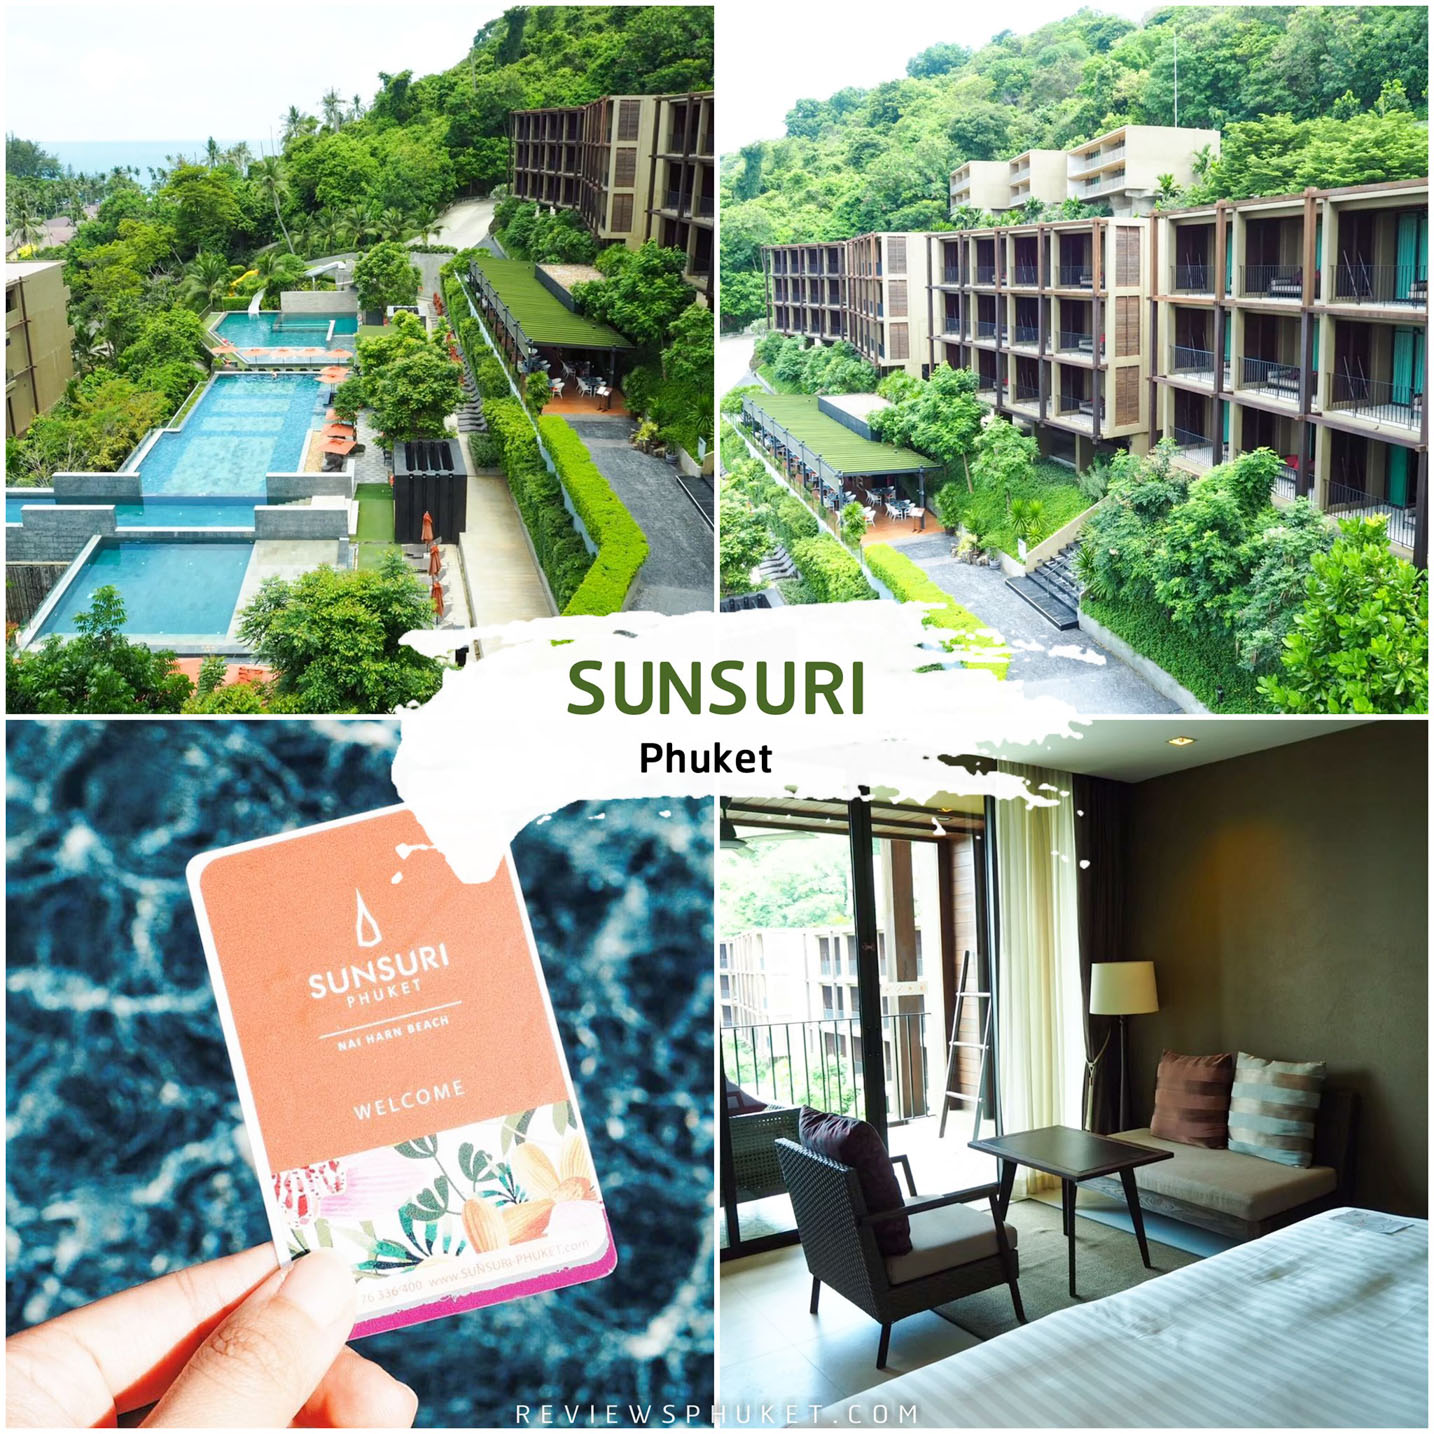 Sunsuri Phuket ที่พักภูเก็ตสุดสวย โอบล้อมไปด้วยสีเขียวฟินๆ